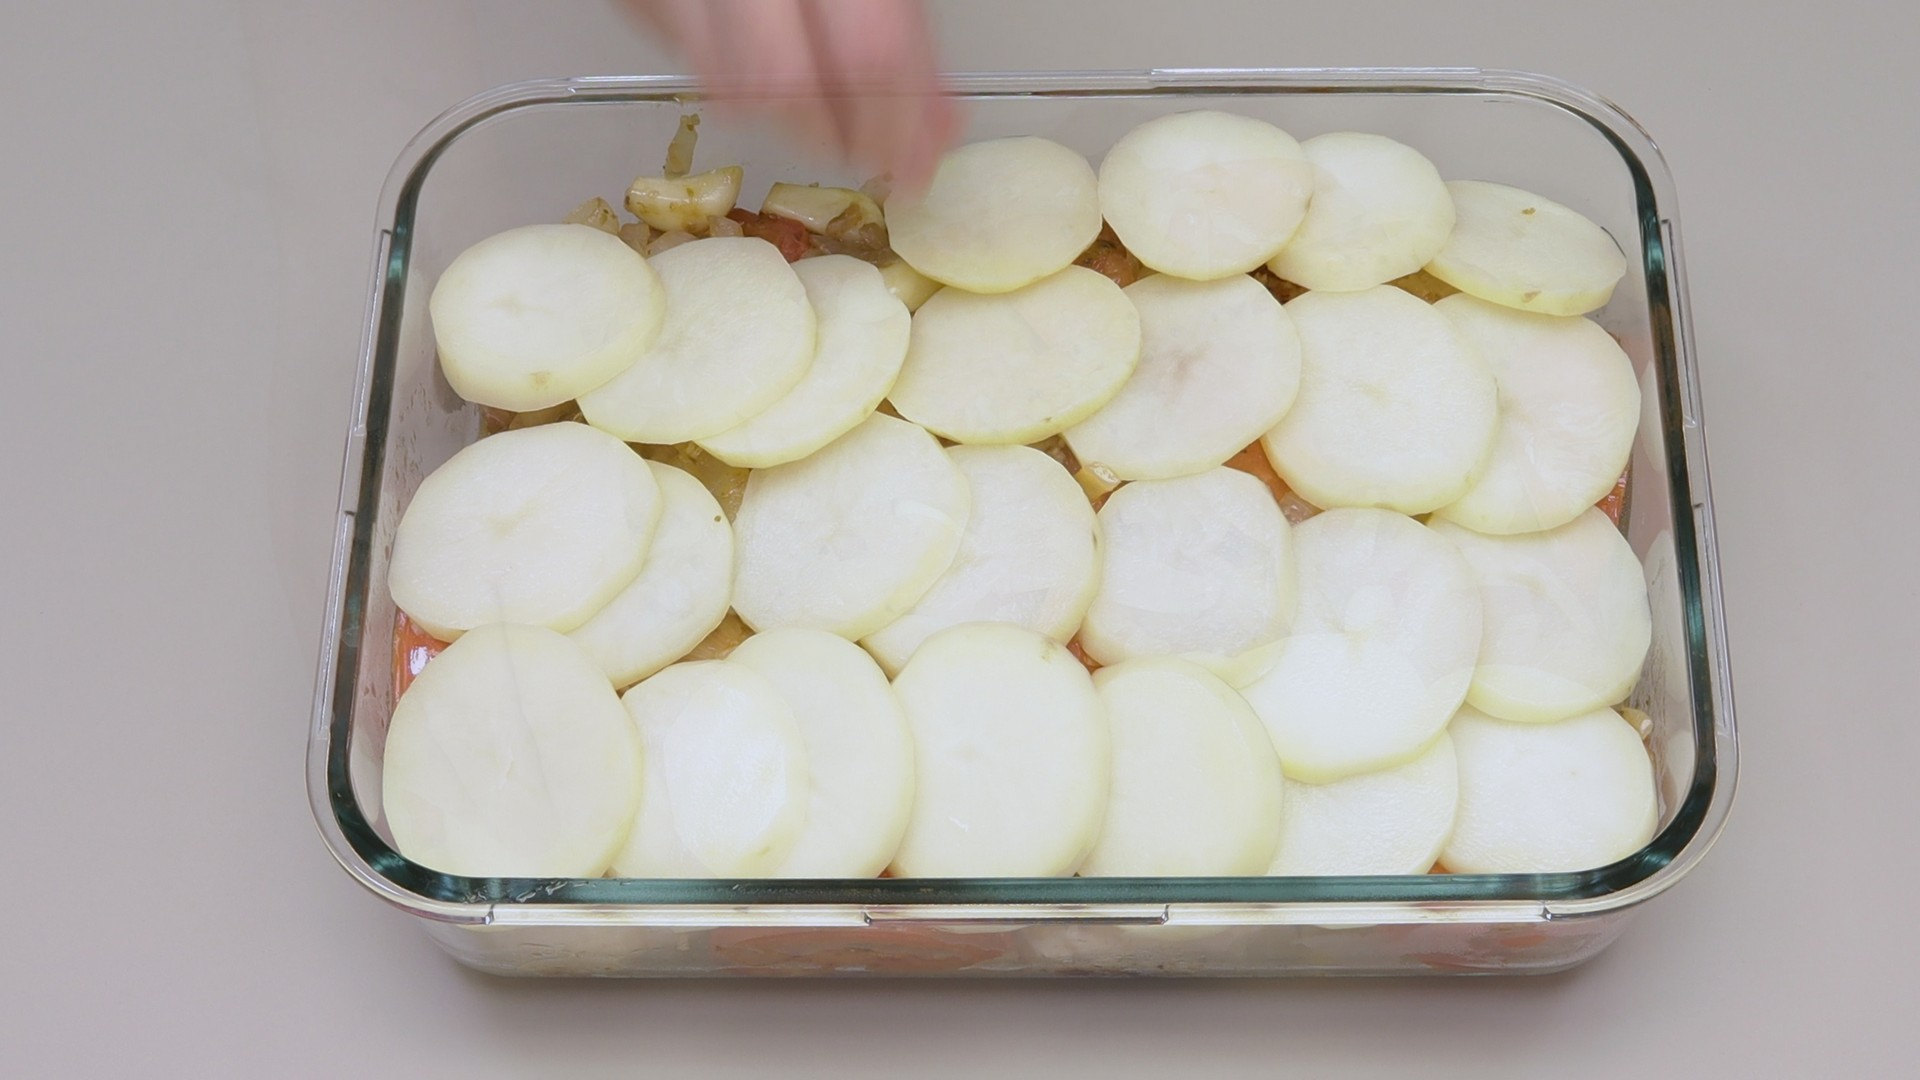 Chicken and Potato Casserole Pic 7